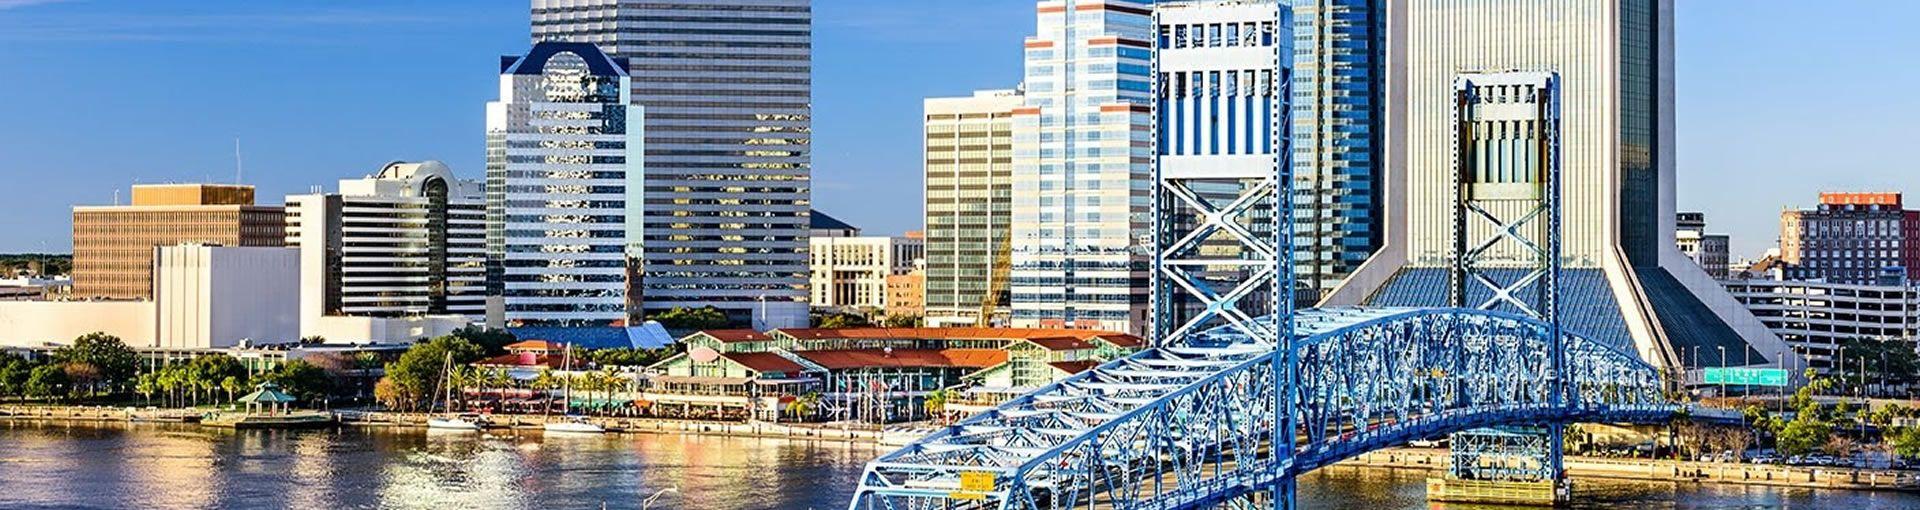 Tours Jacksonville City Tours